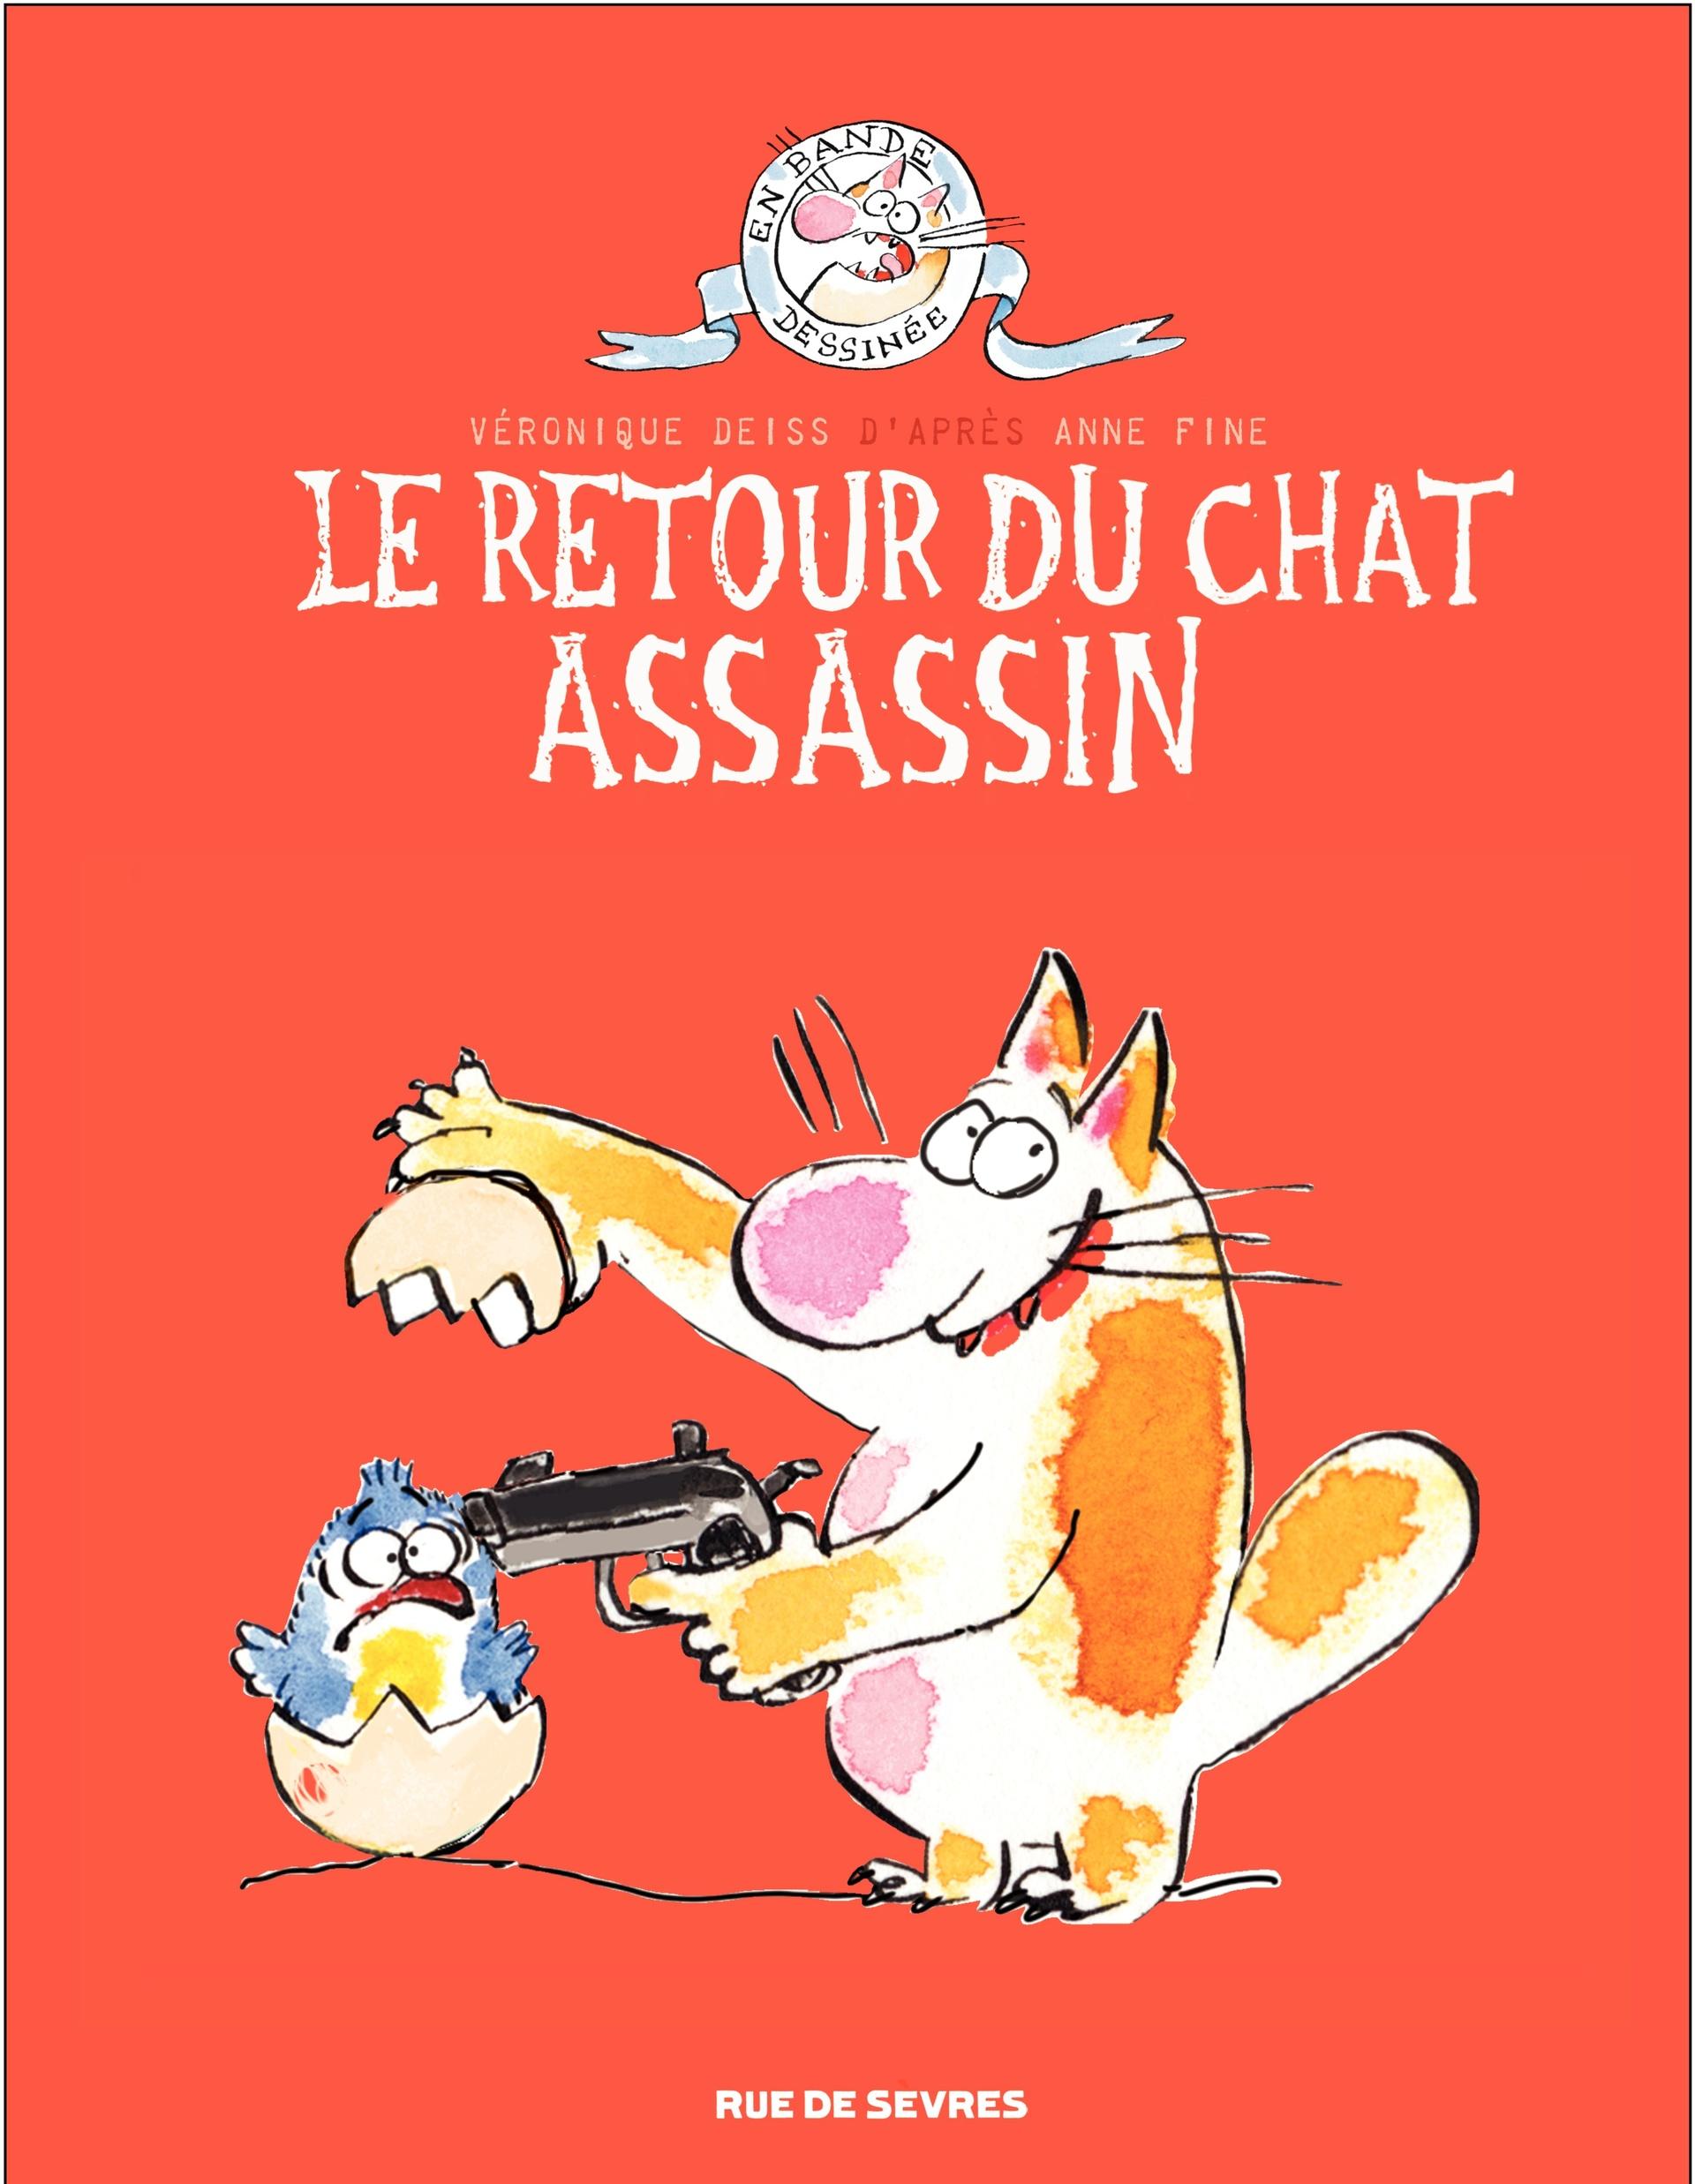 Le chat assassin 2 - Le retour du chat assassin